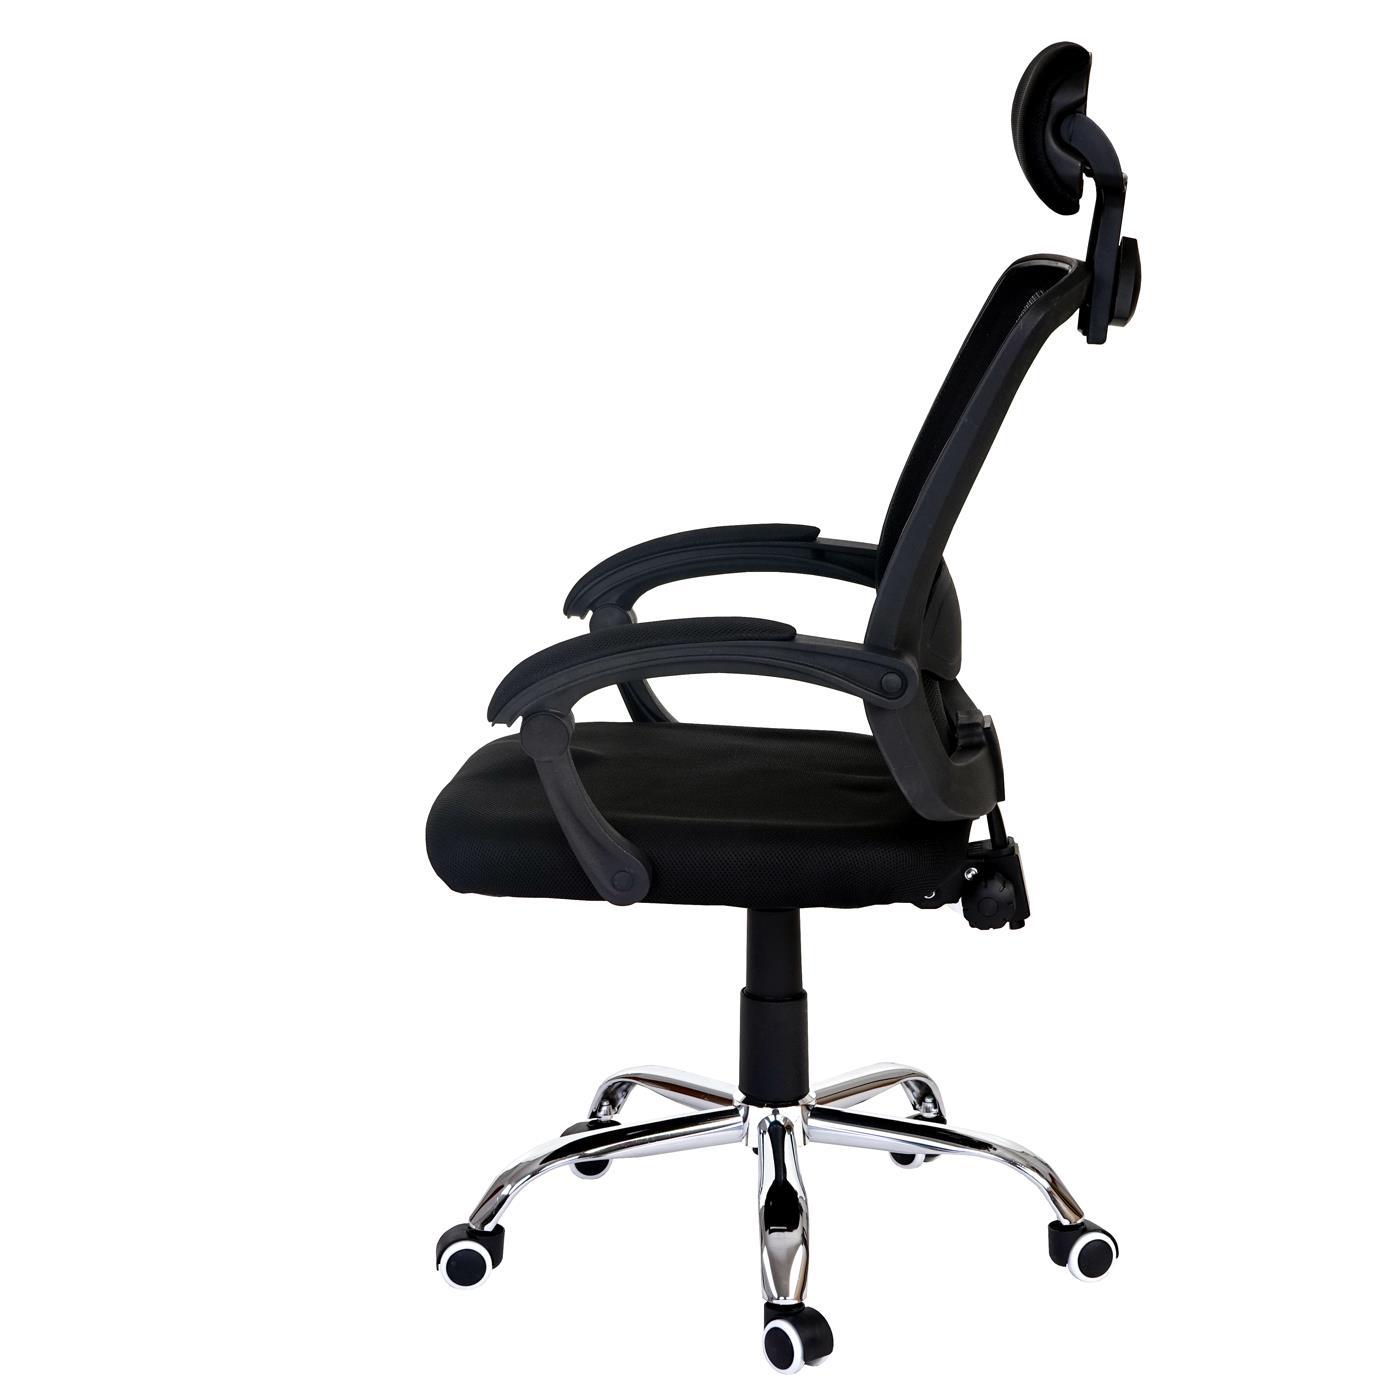 silla ergon mica duna soporte lumbar y base de metal en On silla ergonomica con soporte lumbar